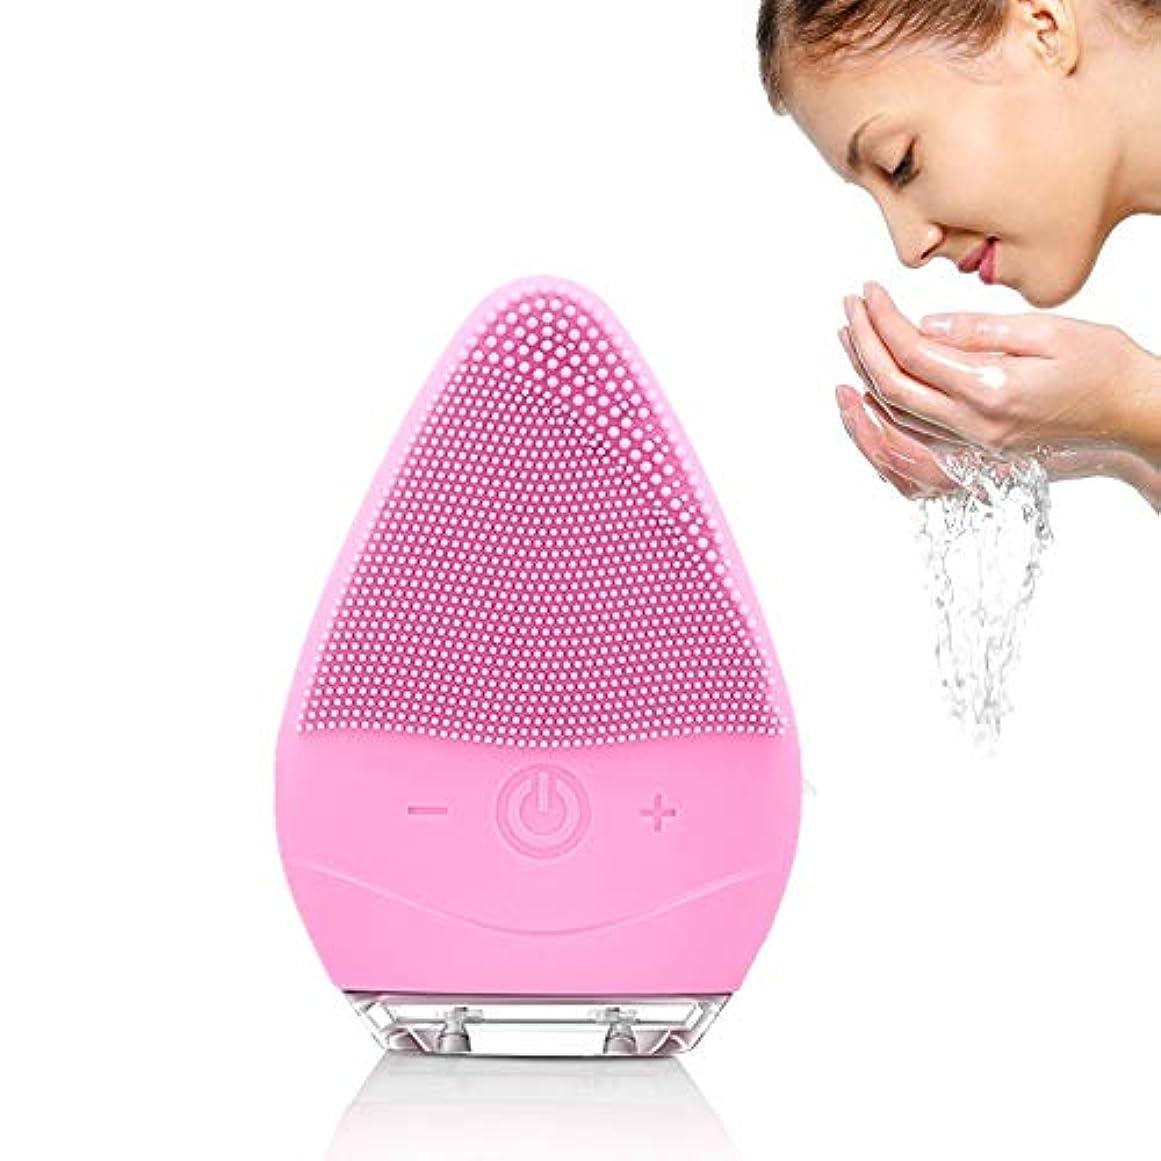 テント担当者ジャンクフェイスクレンジングブラシ防水シリコンフェイシャルブラシエレクトリックフェイスVībratingマッサージャーデバイスfor Skin Clean for Level 6防水